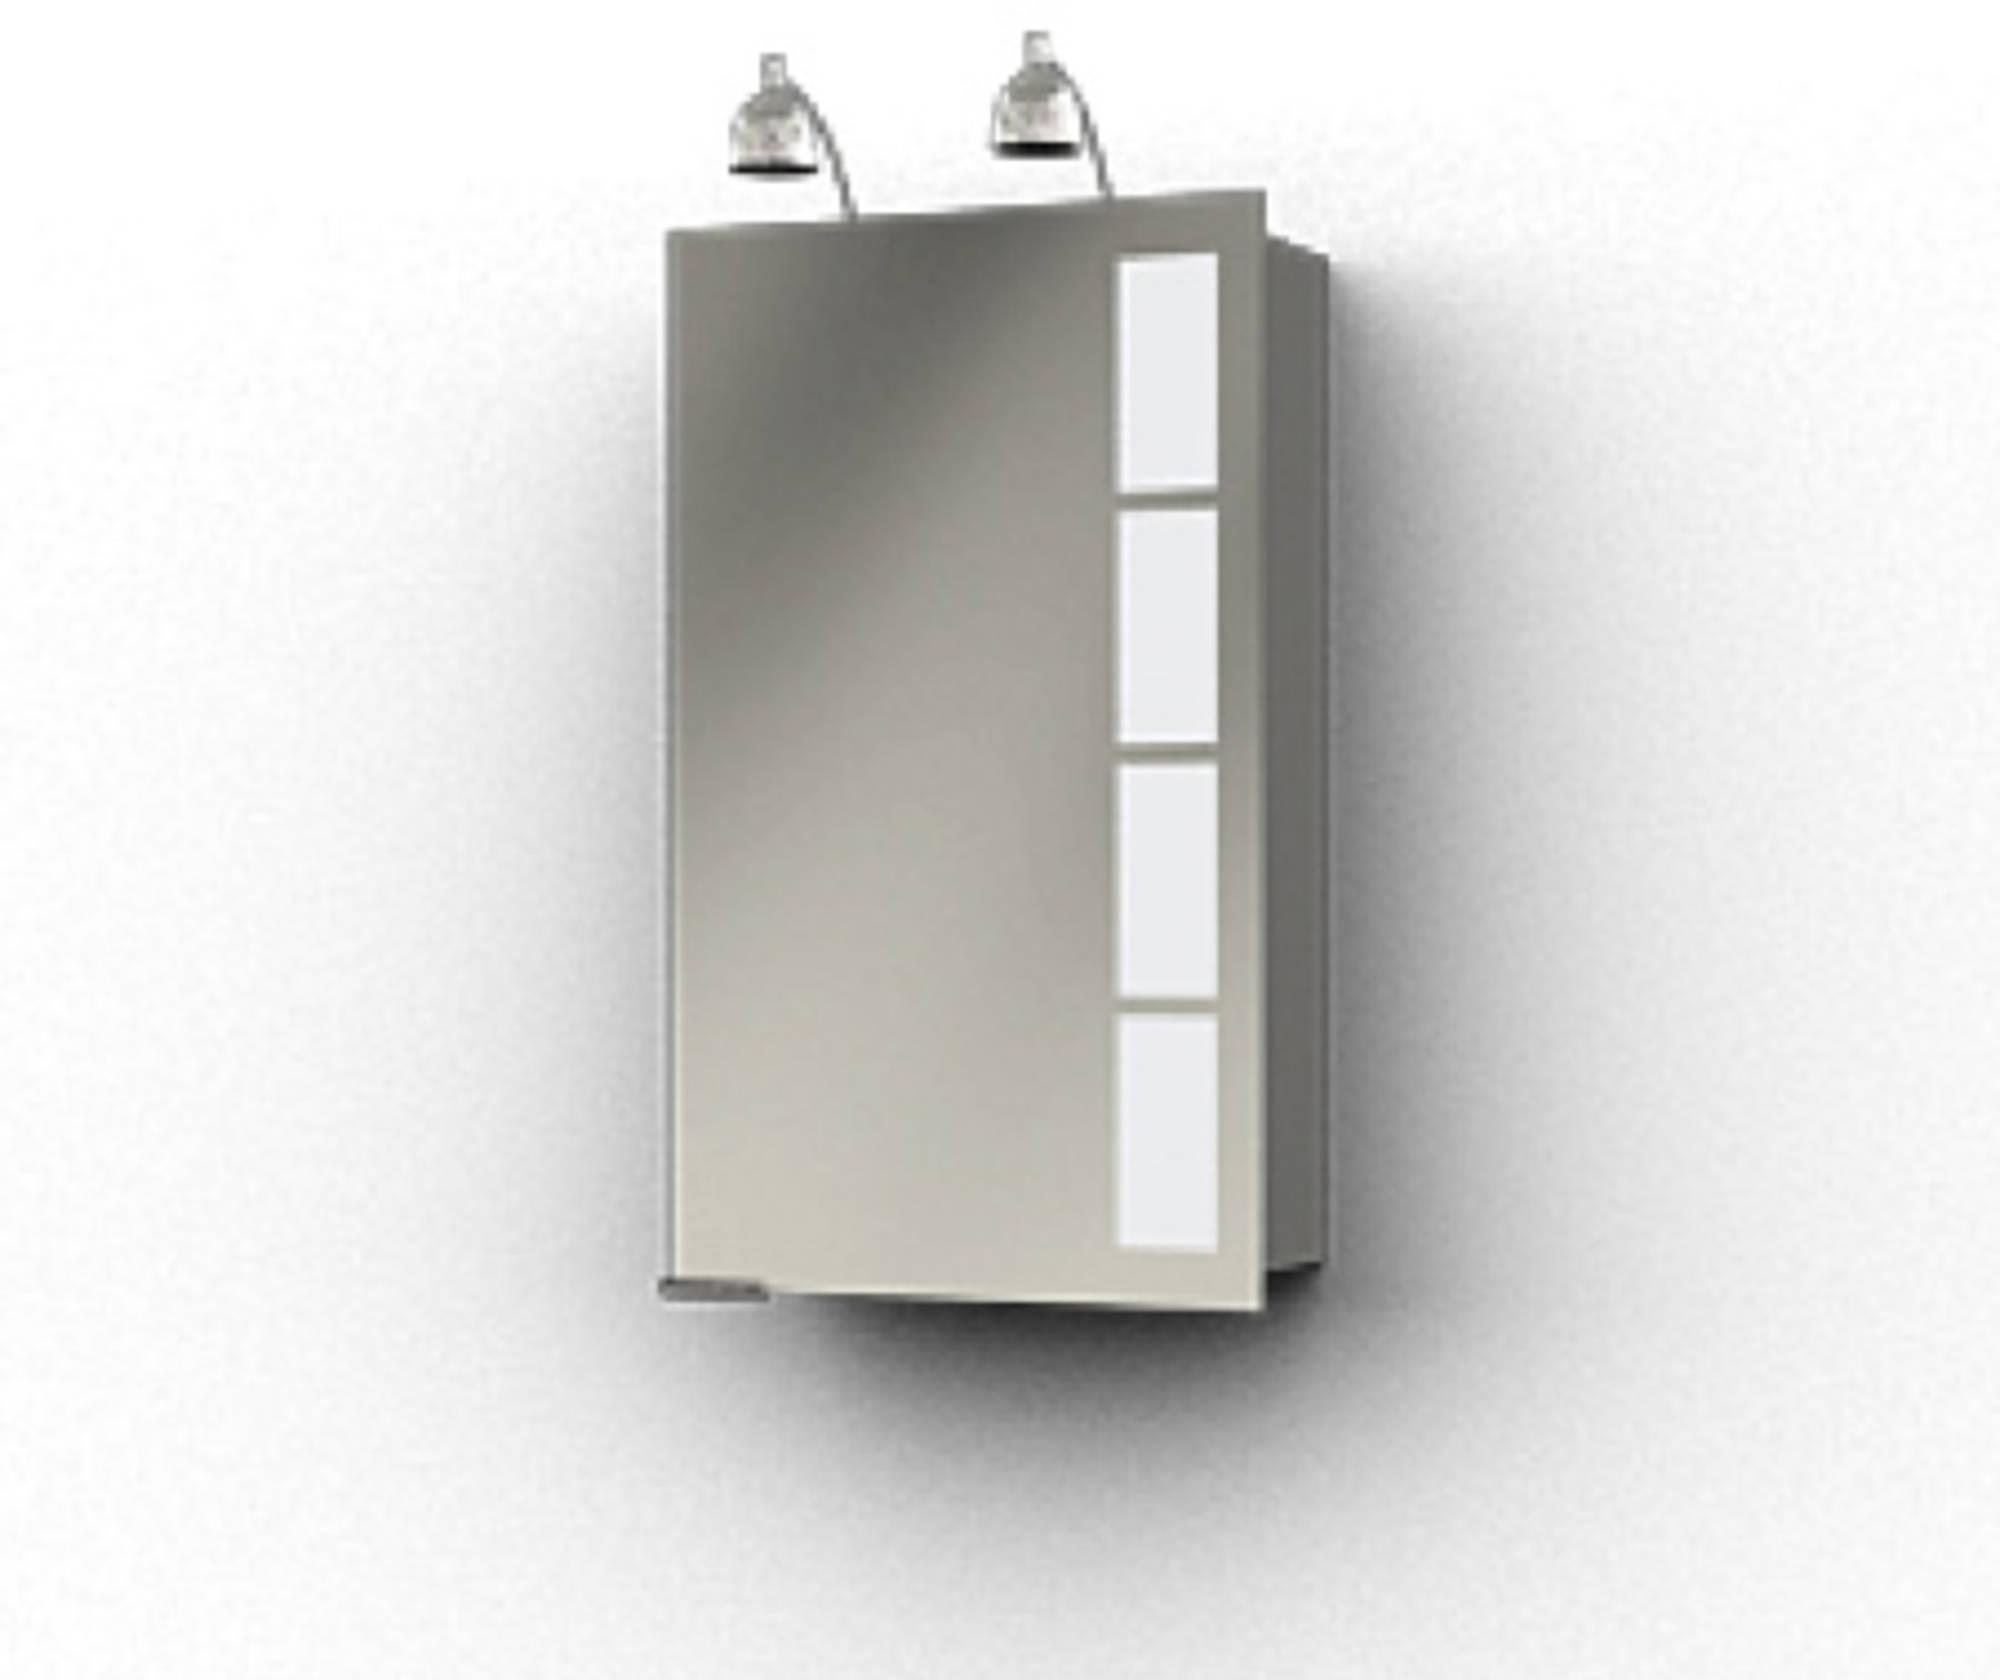 Ben Magno Spiegelkast Aluminium 45cm met 2 spotjes